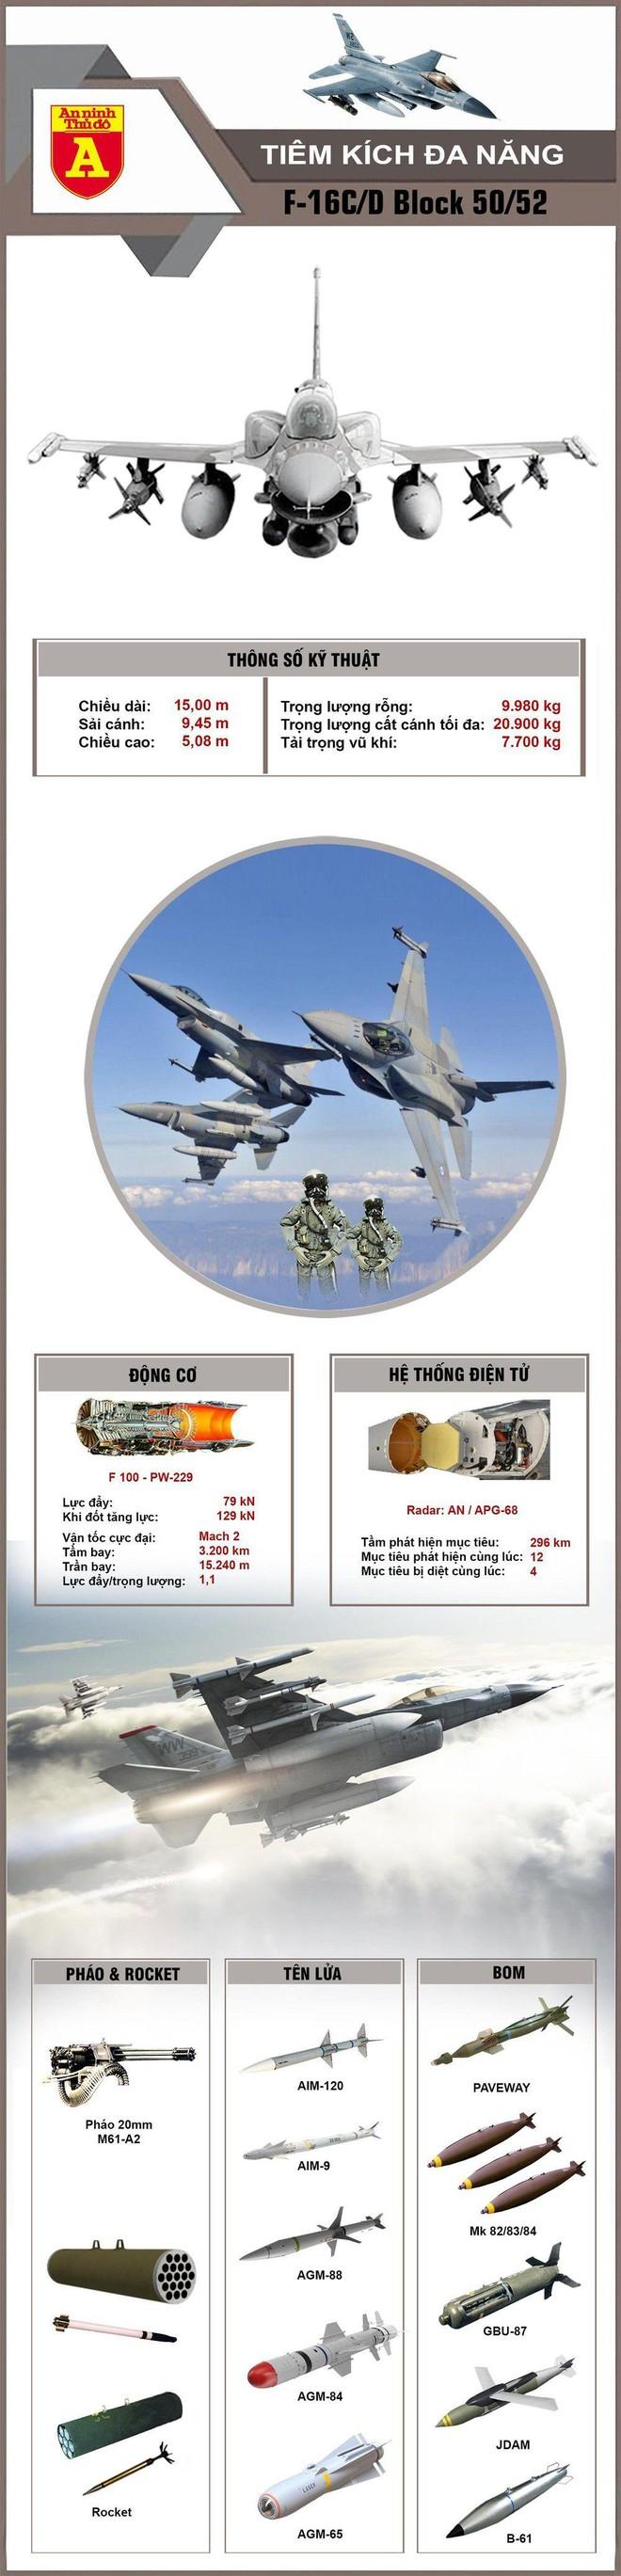 [Info] Mỹ lệnh cho F-16 đâm vào máy bay khủng bố trong sự kiện 11/09 ảnh 3